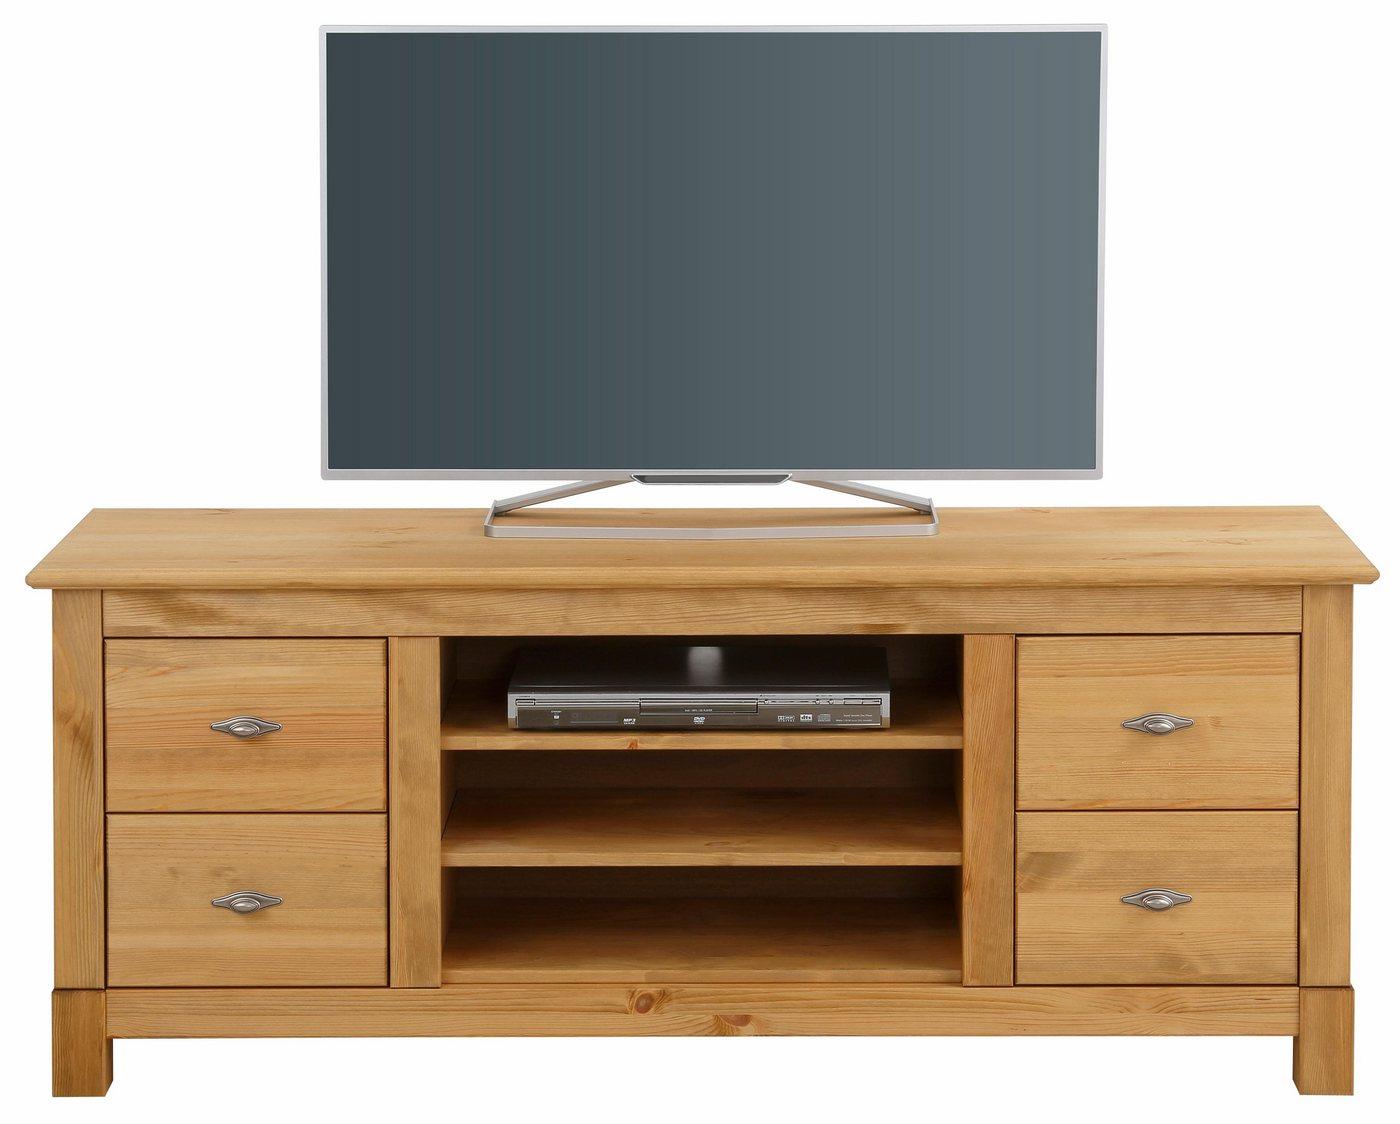 HOME AFFAIRE TV-lowboard Rauna, breedte 150 cm